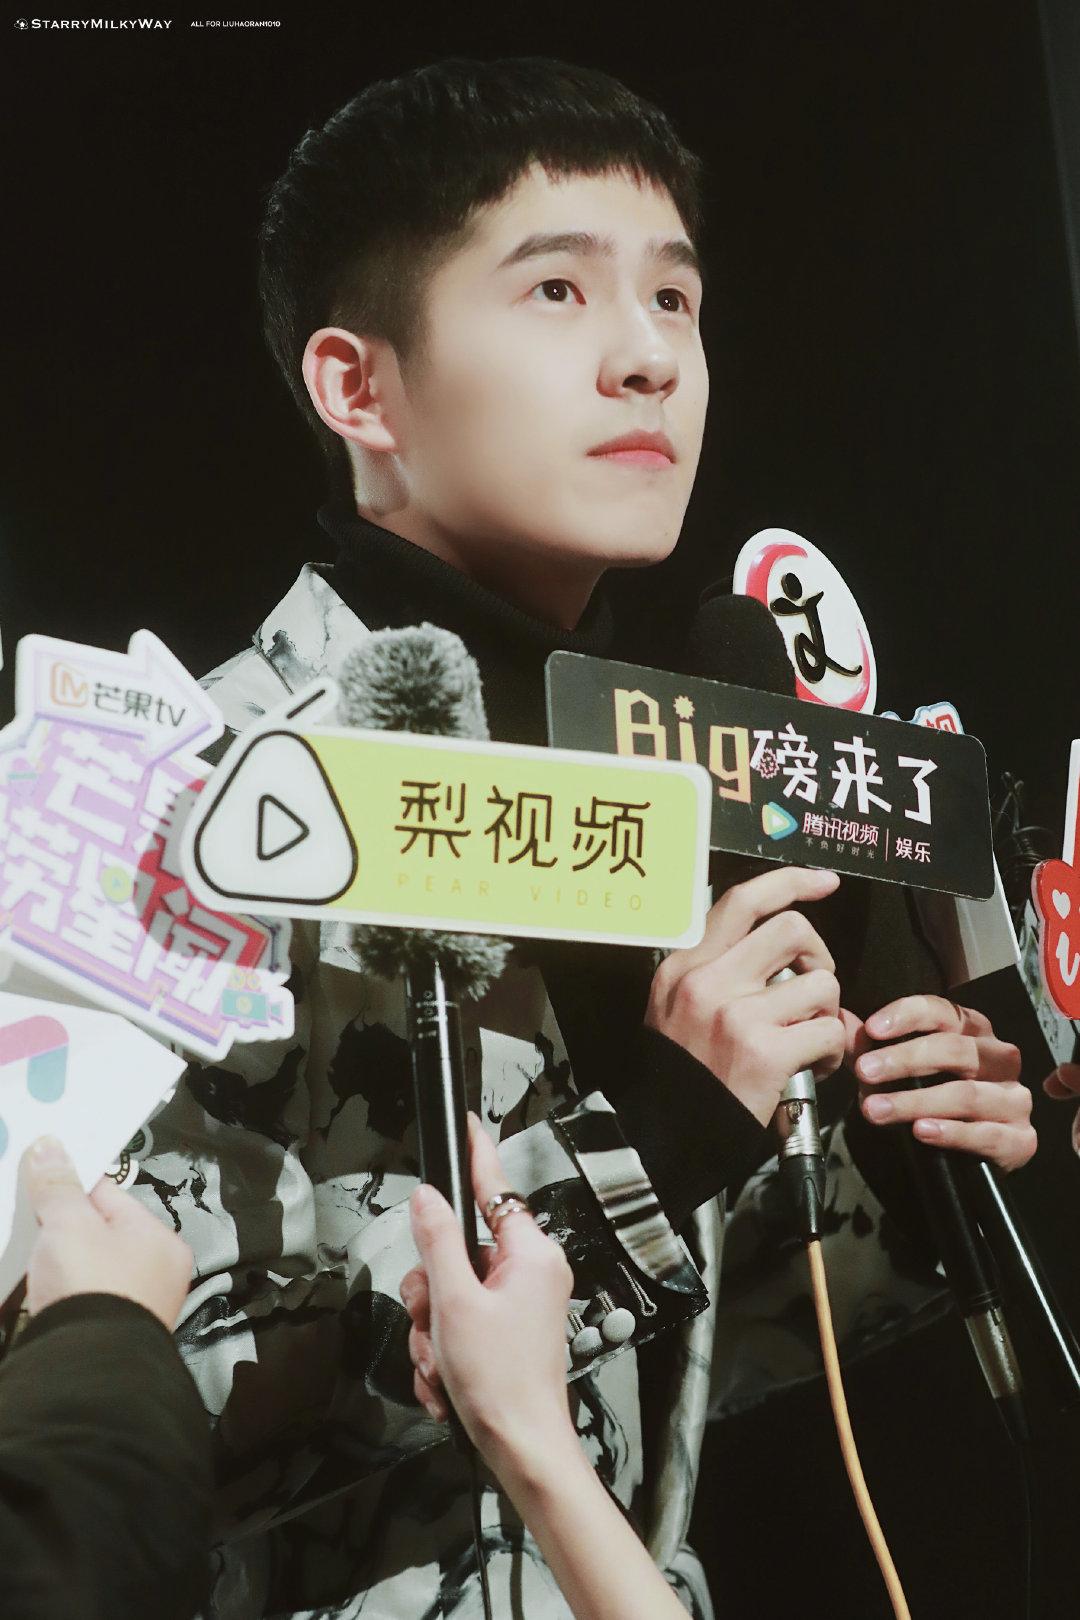 刘昊然出席品牌活动,P5像个小朋友一样撅嘴,大概只有三岁吧